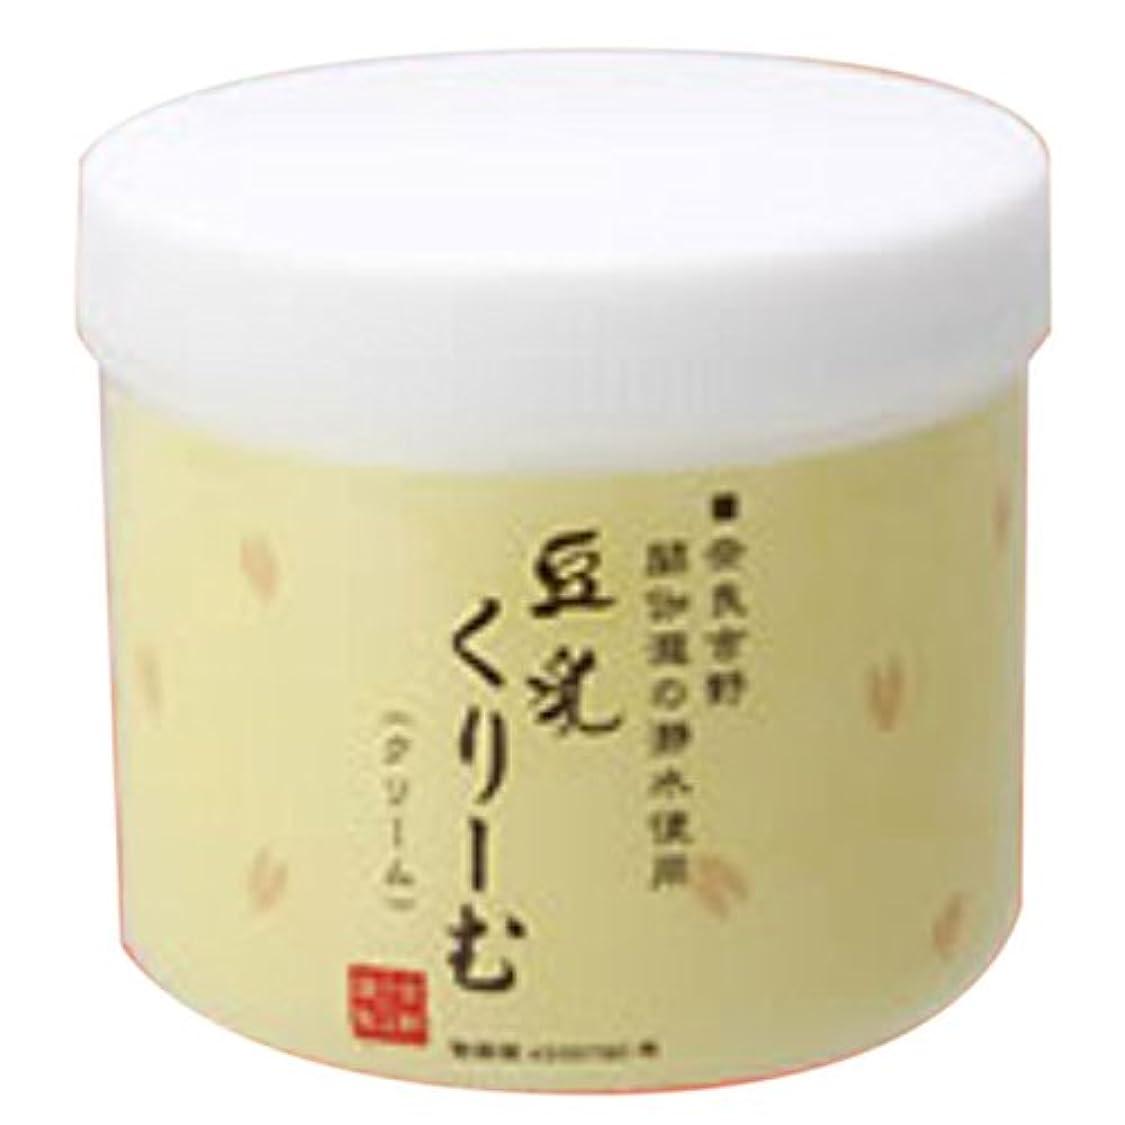 製造野望砦吉野ふじや謹製 とうにゅうくりーむ (豆乳美容クリーム) 3個セット